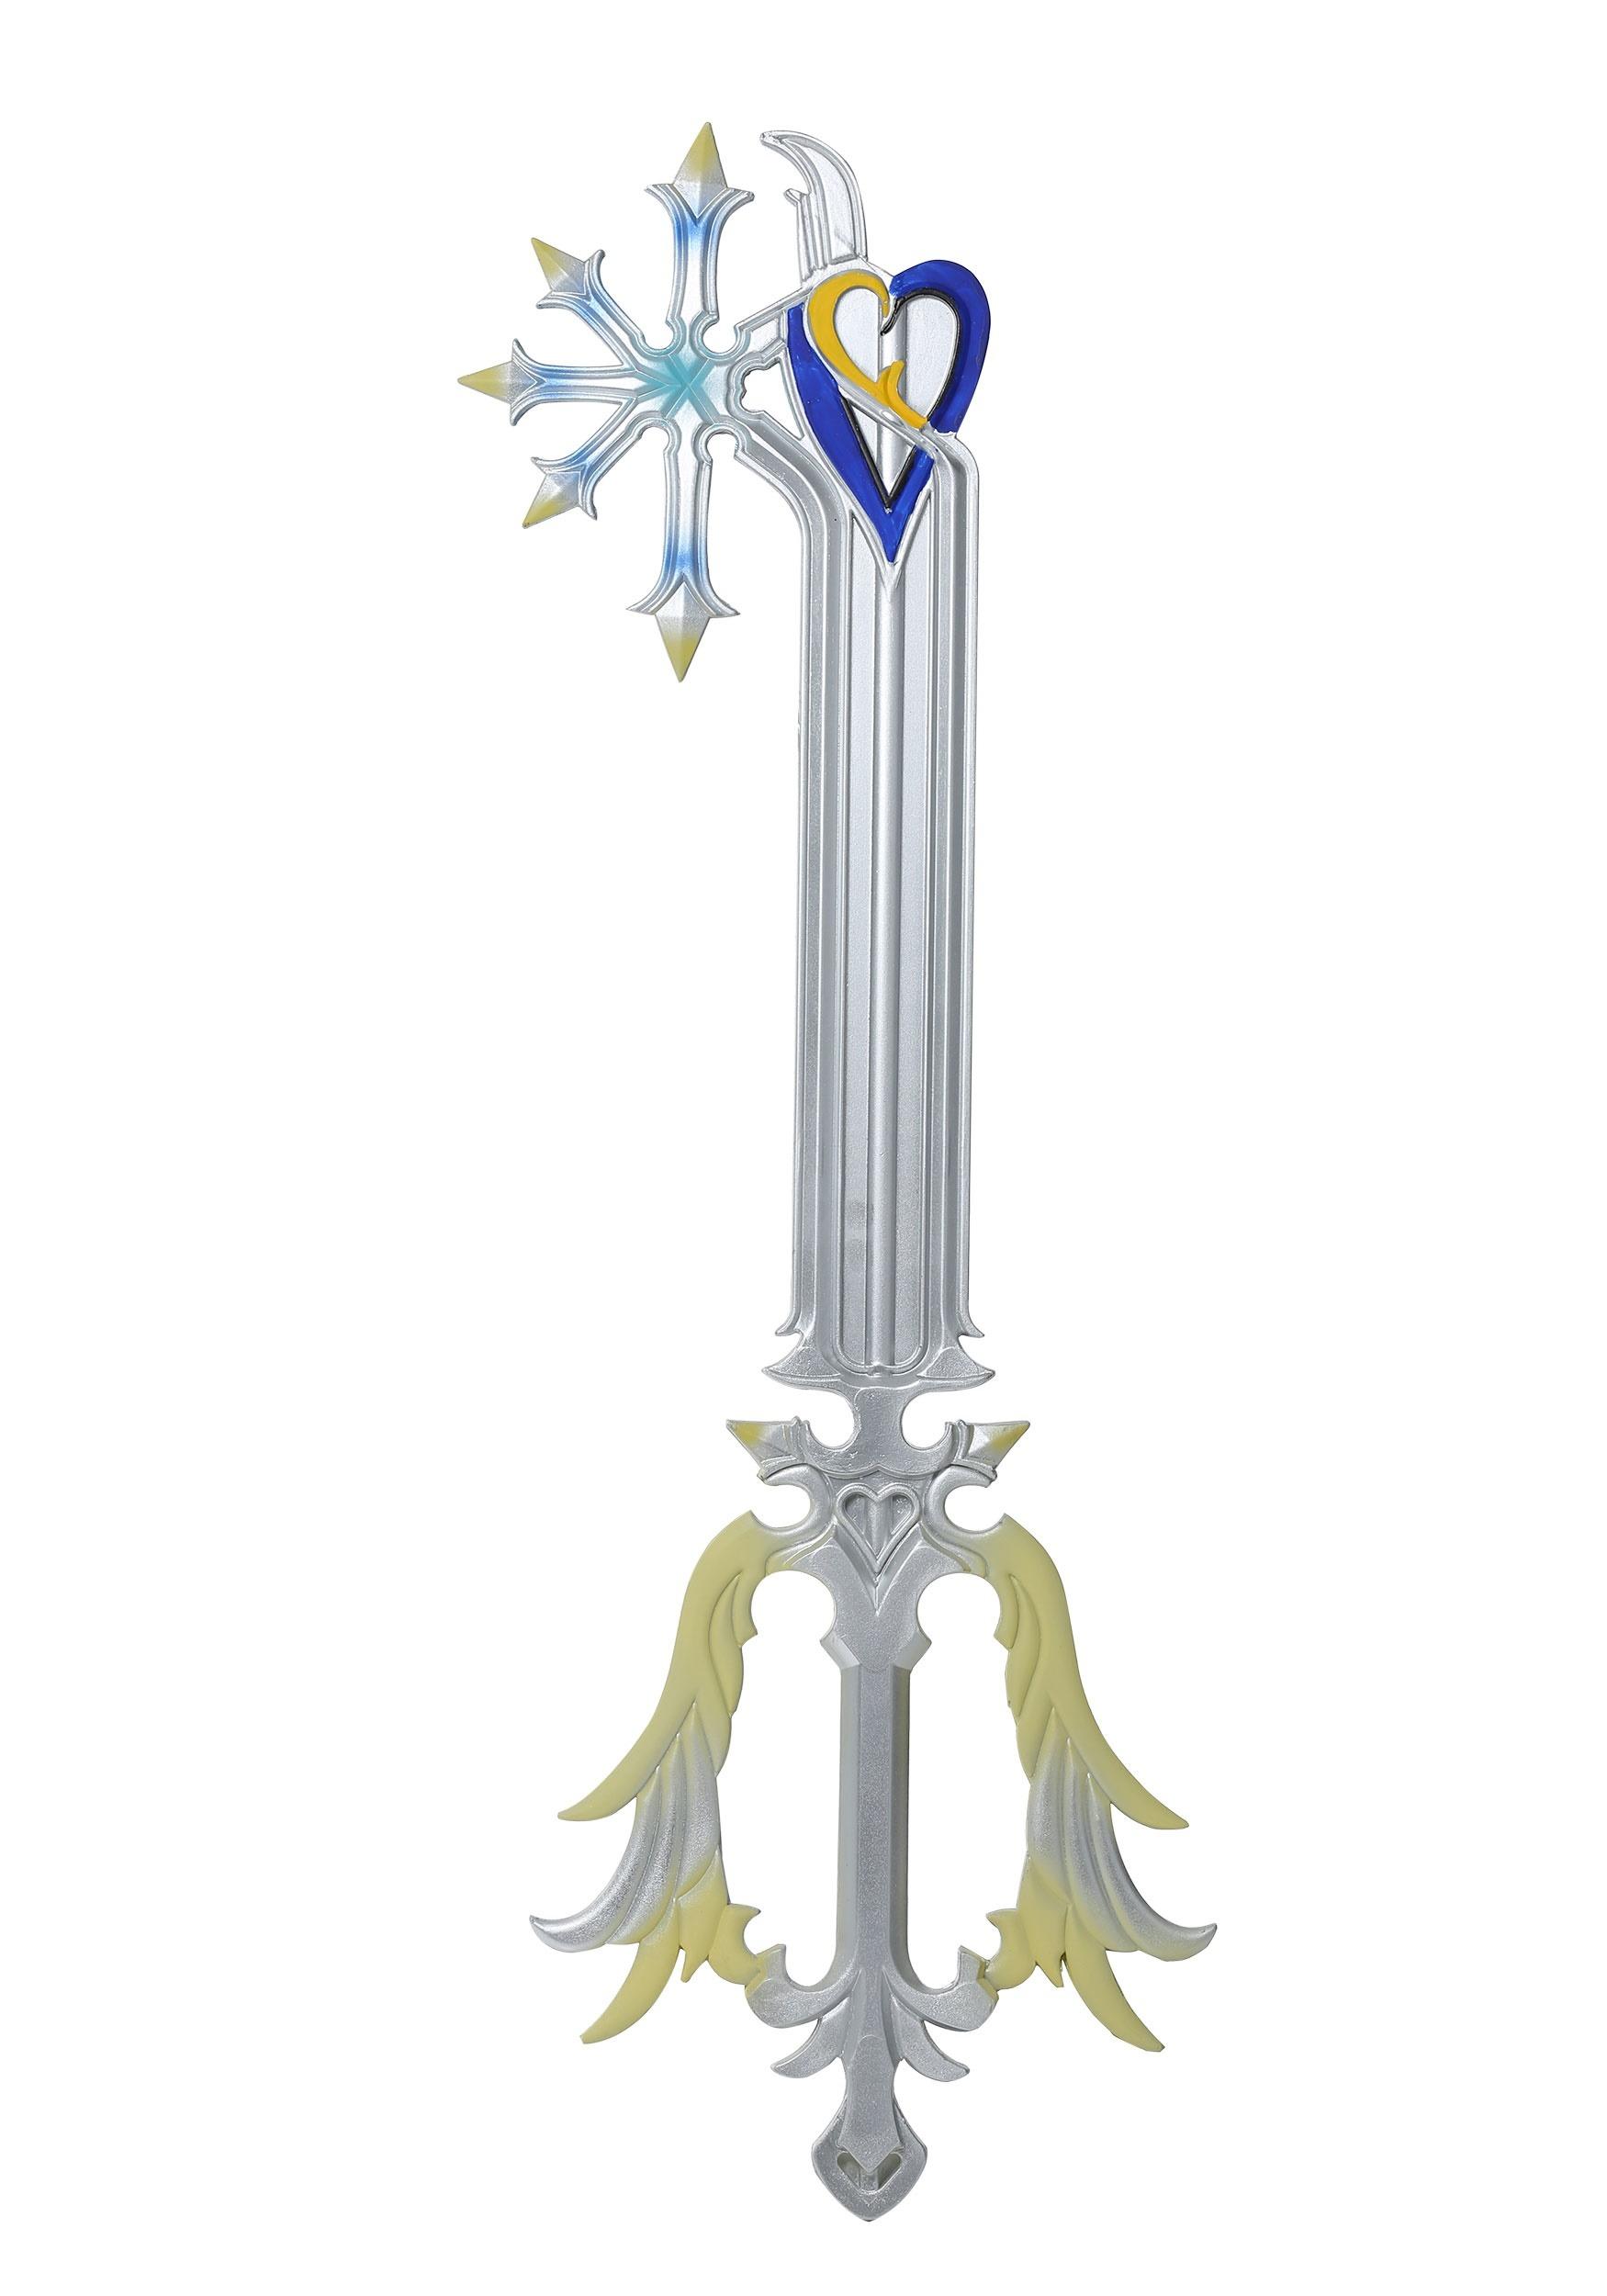 Oathkeeper Keyblade - Kingdom Hearts